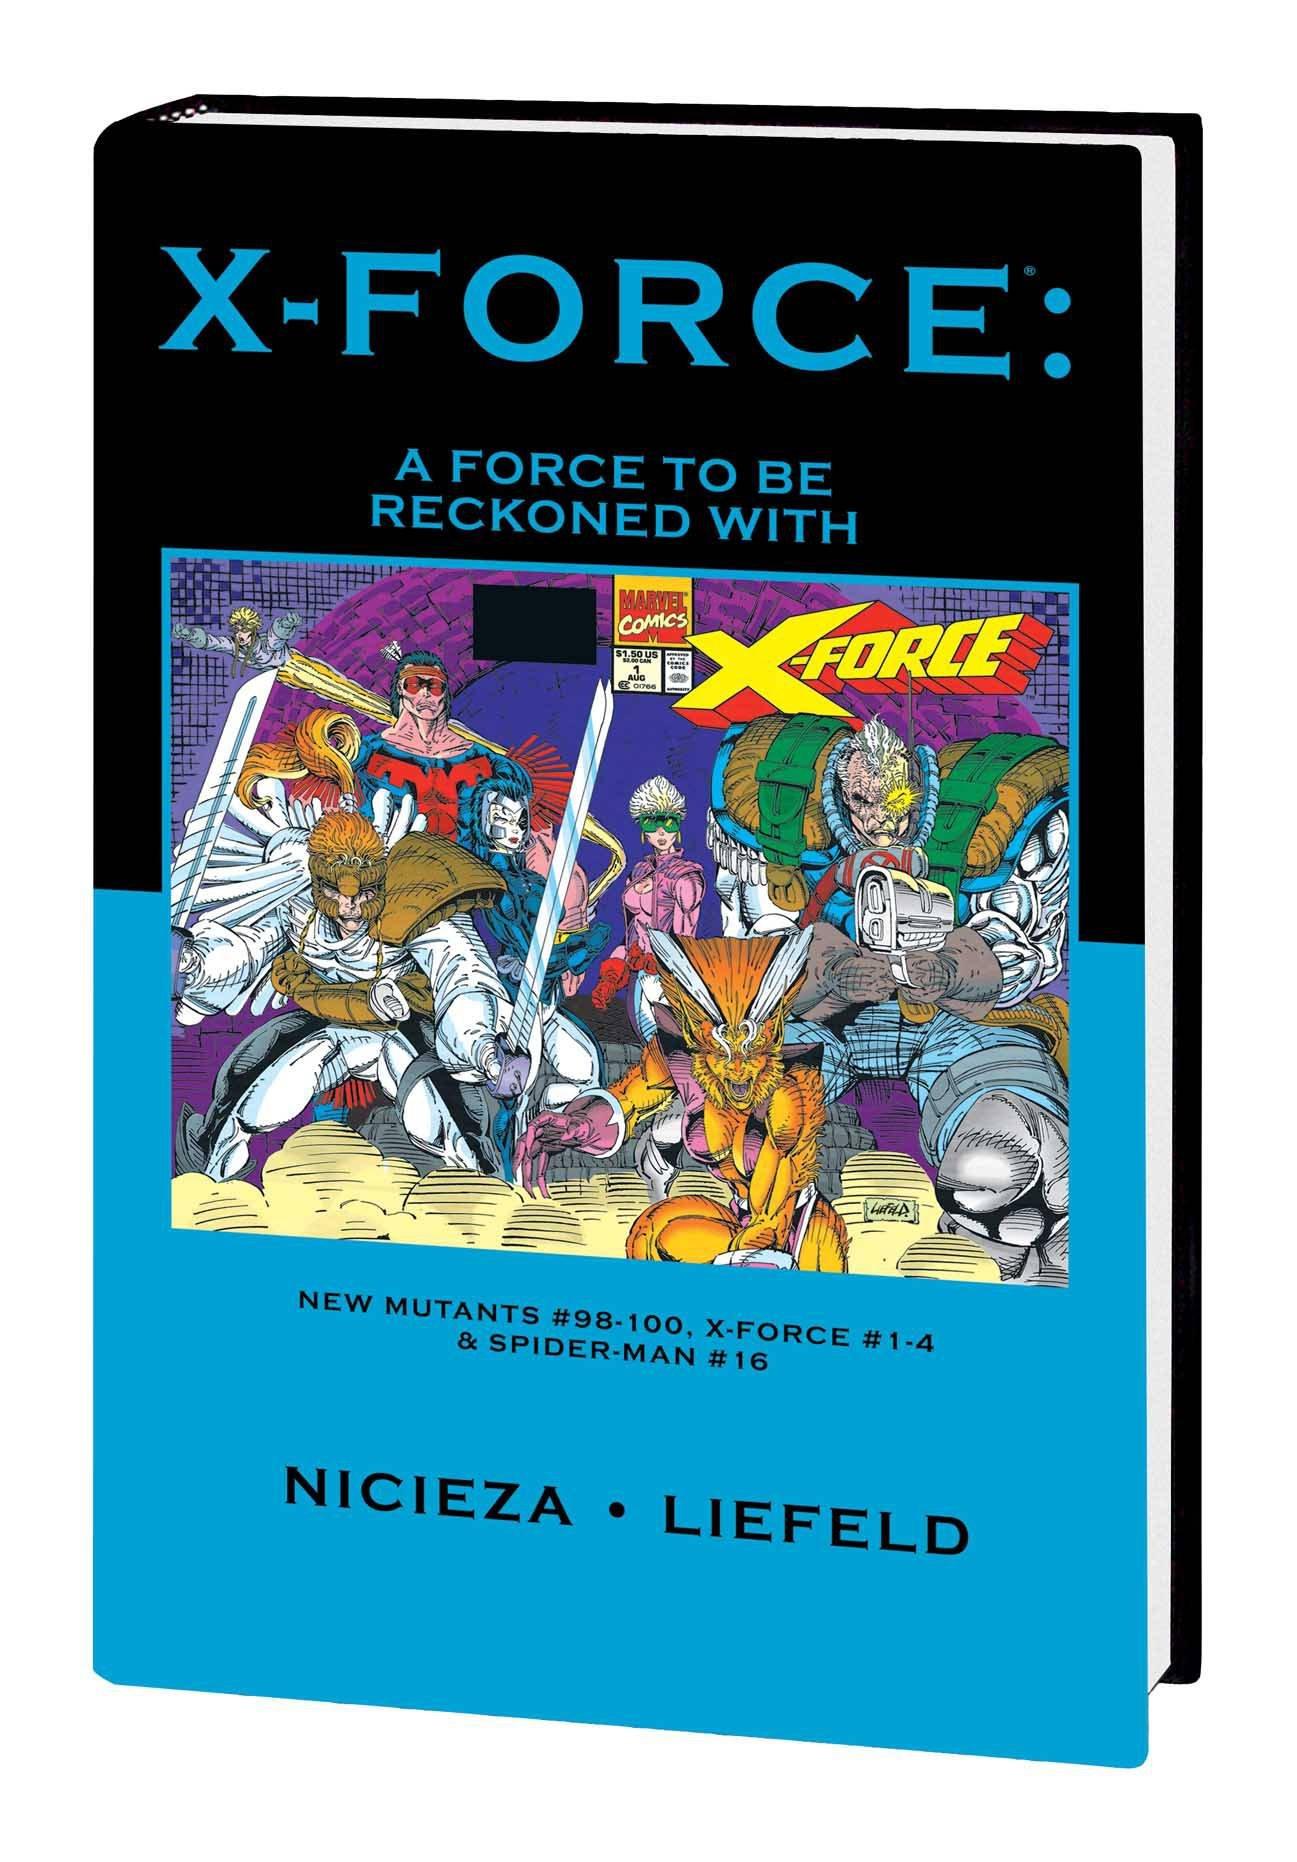 X-FORCE PREM HC FORCE TO BE RECKONED WITH DM VAR ED (X-FORCE, PREM HC FORCE TO BE RECKONED WITH DM VAR ED) pdf epub